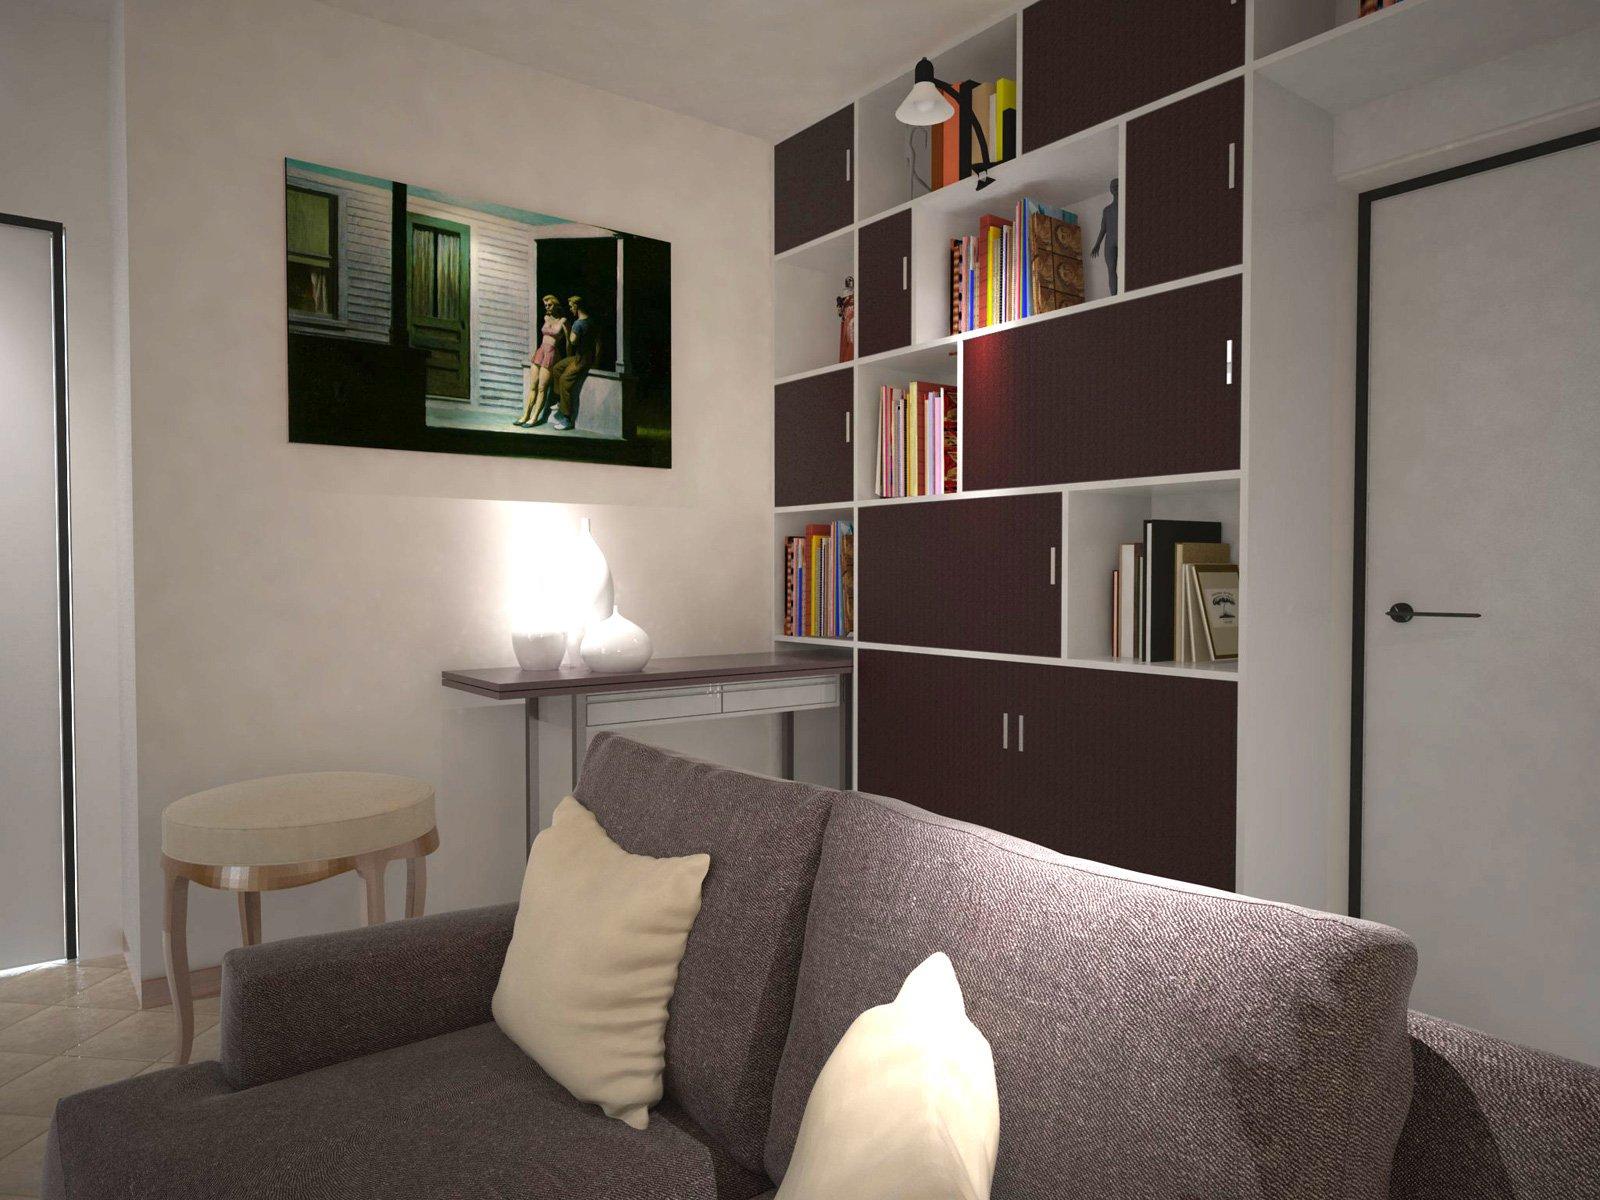 Arredare un soggiorno con tante aperture sulle pareti for Come risparmiare e risparmiare per una casa